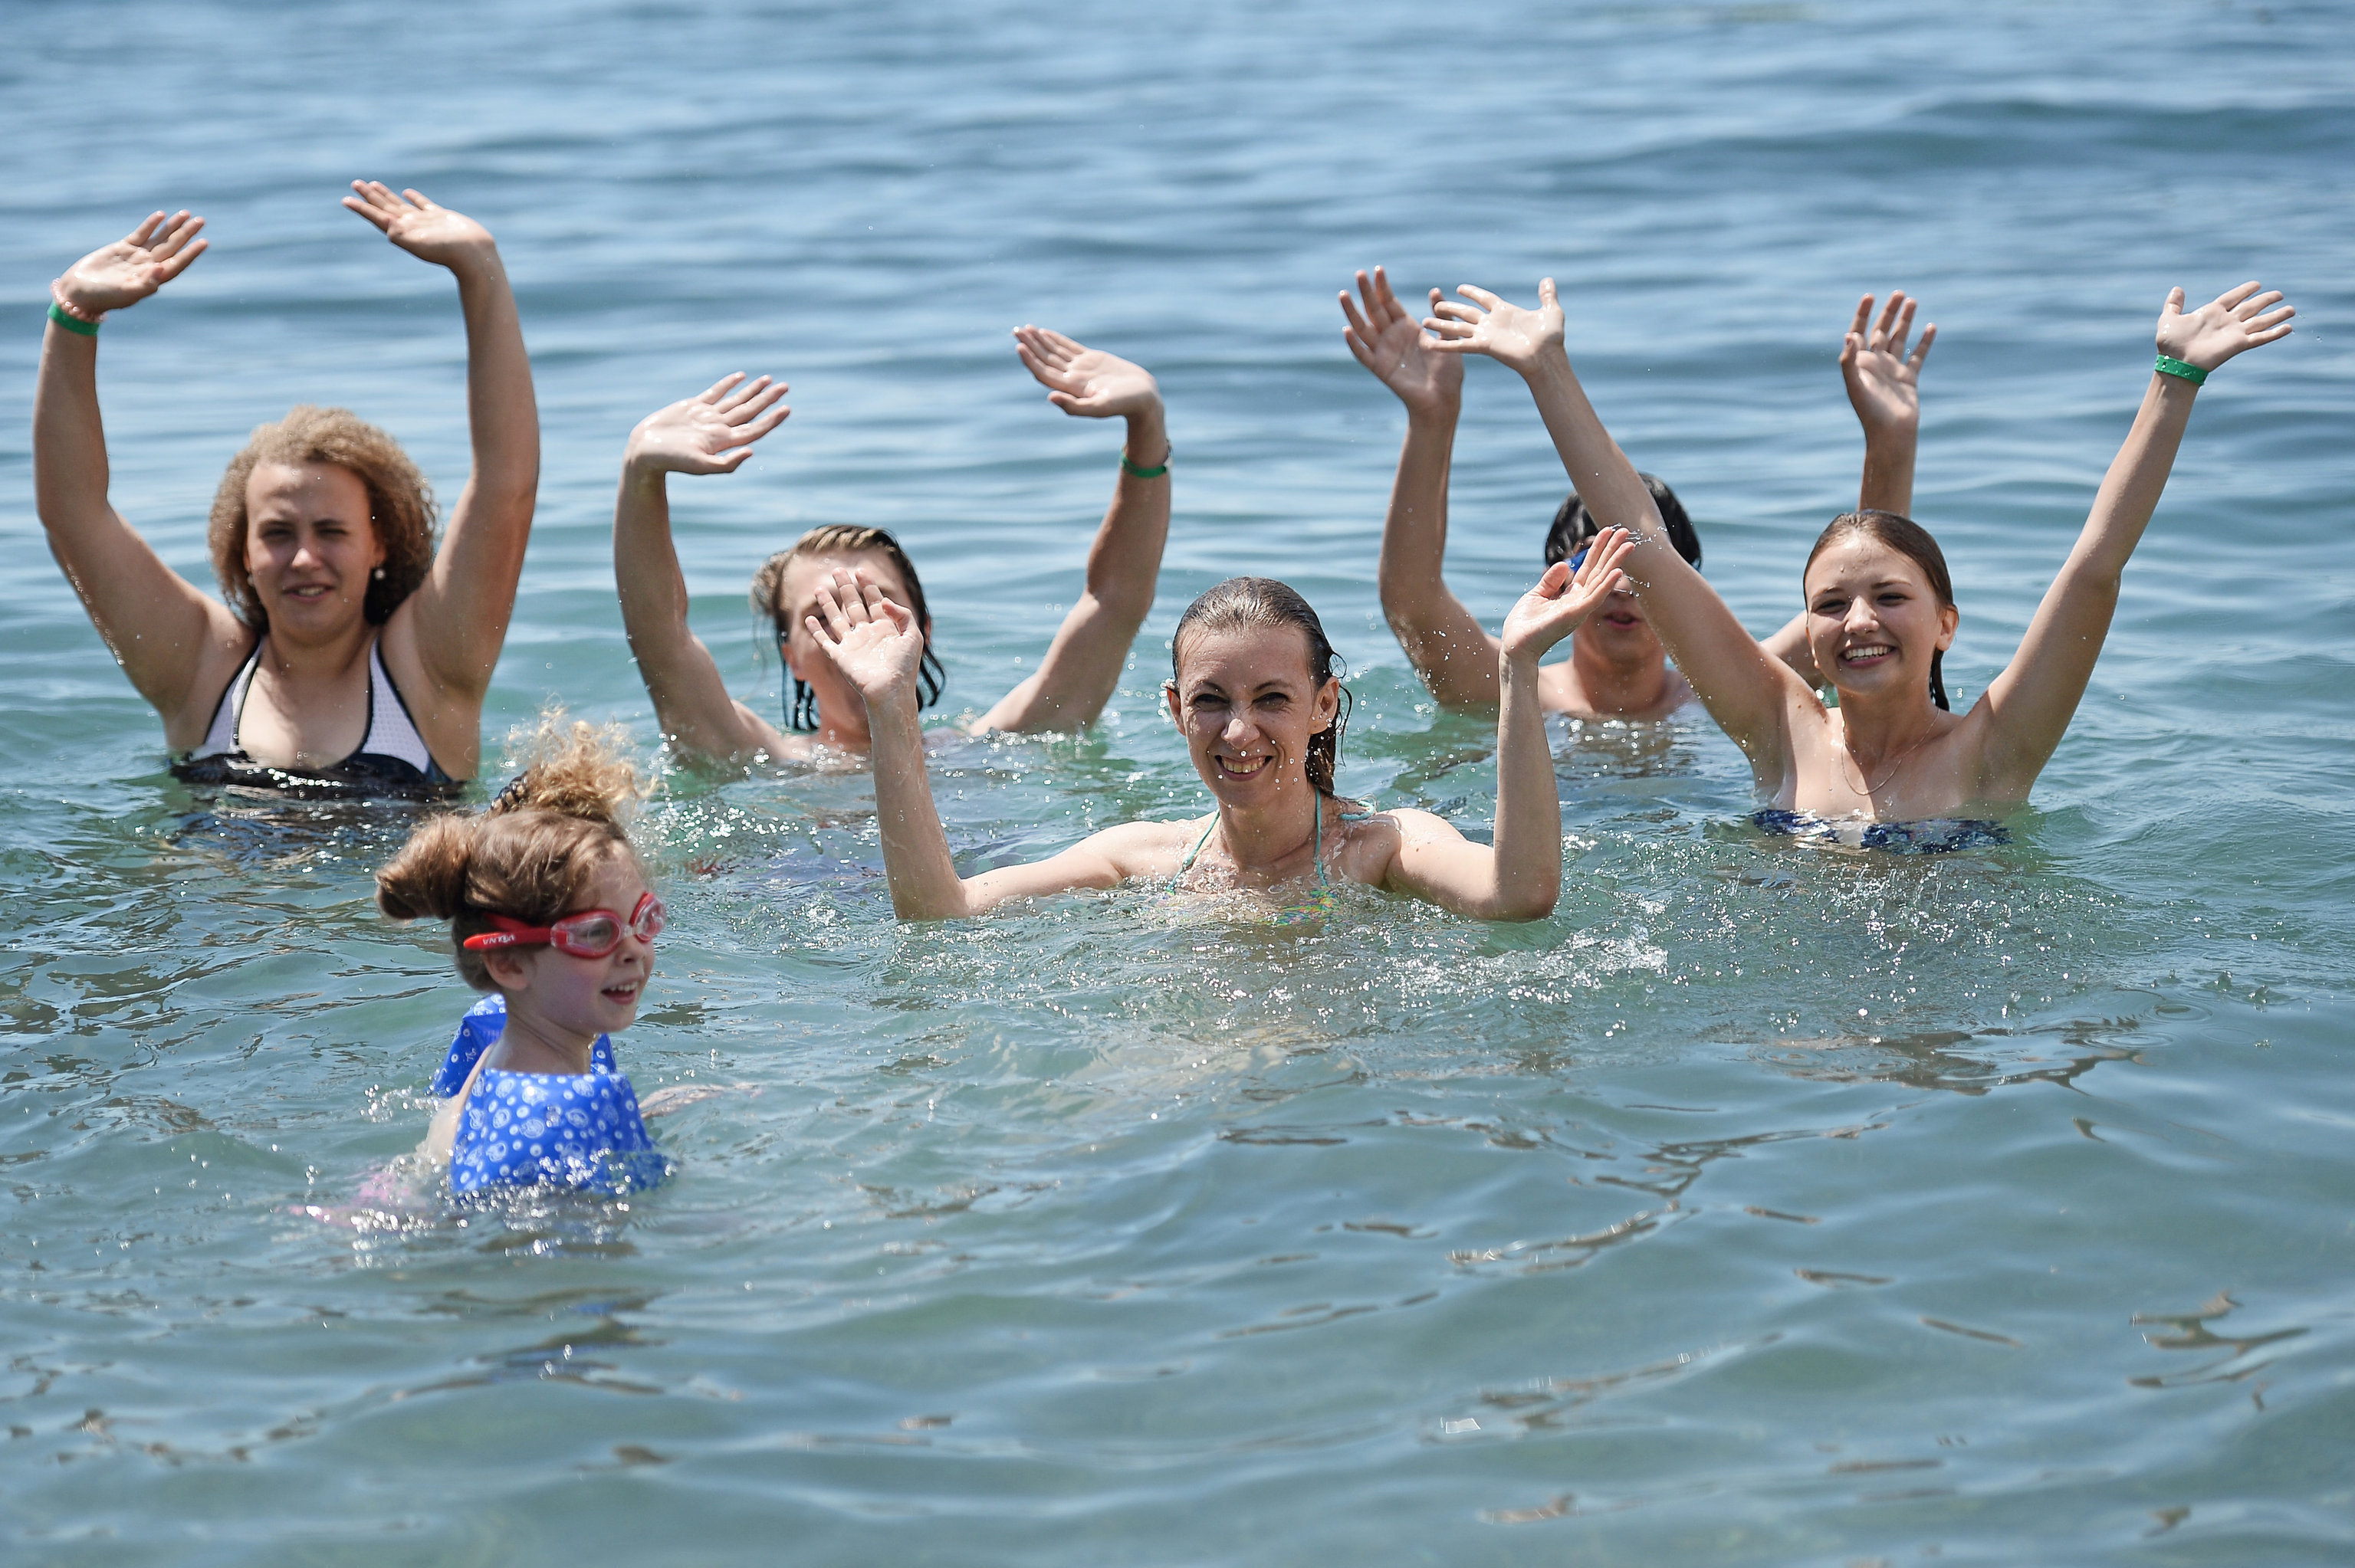 María Zajárova, portavoz de la Cancillería rusa, bañándose en el mar con los niños del campamento Artek en Crimea